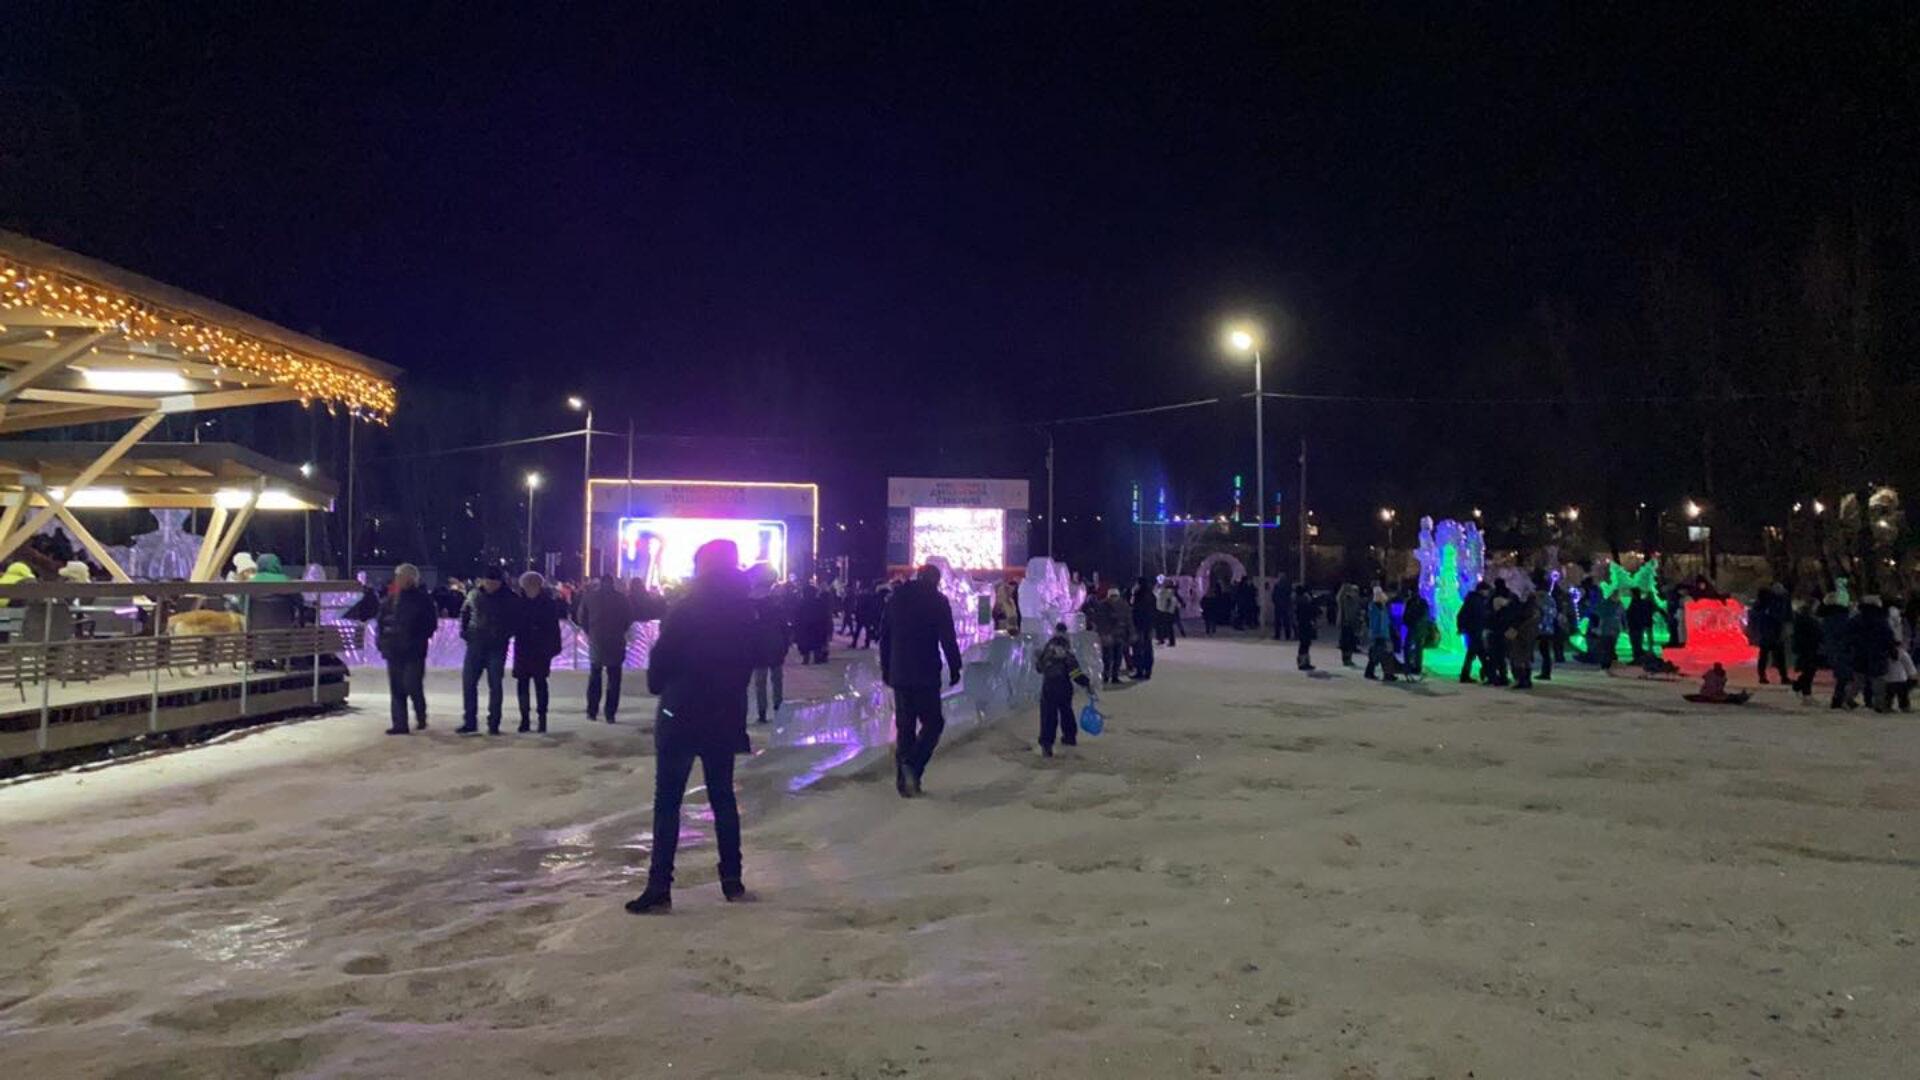 Народные гуляния ночью поострову Татышев вКрасноярске